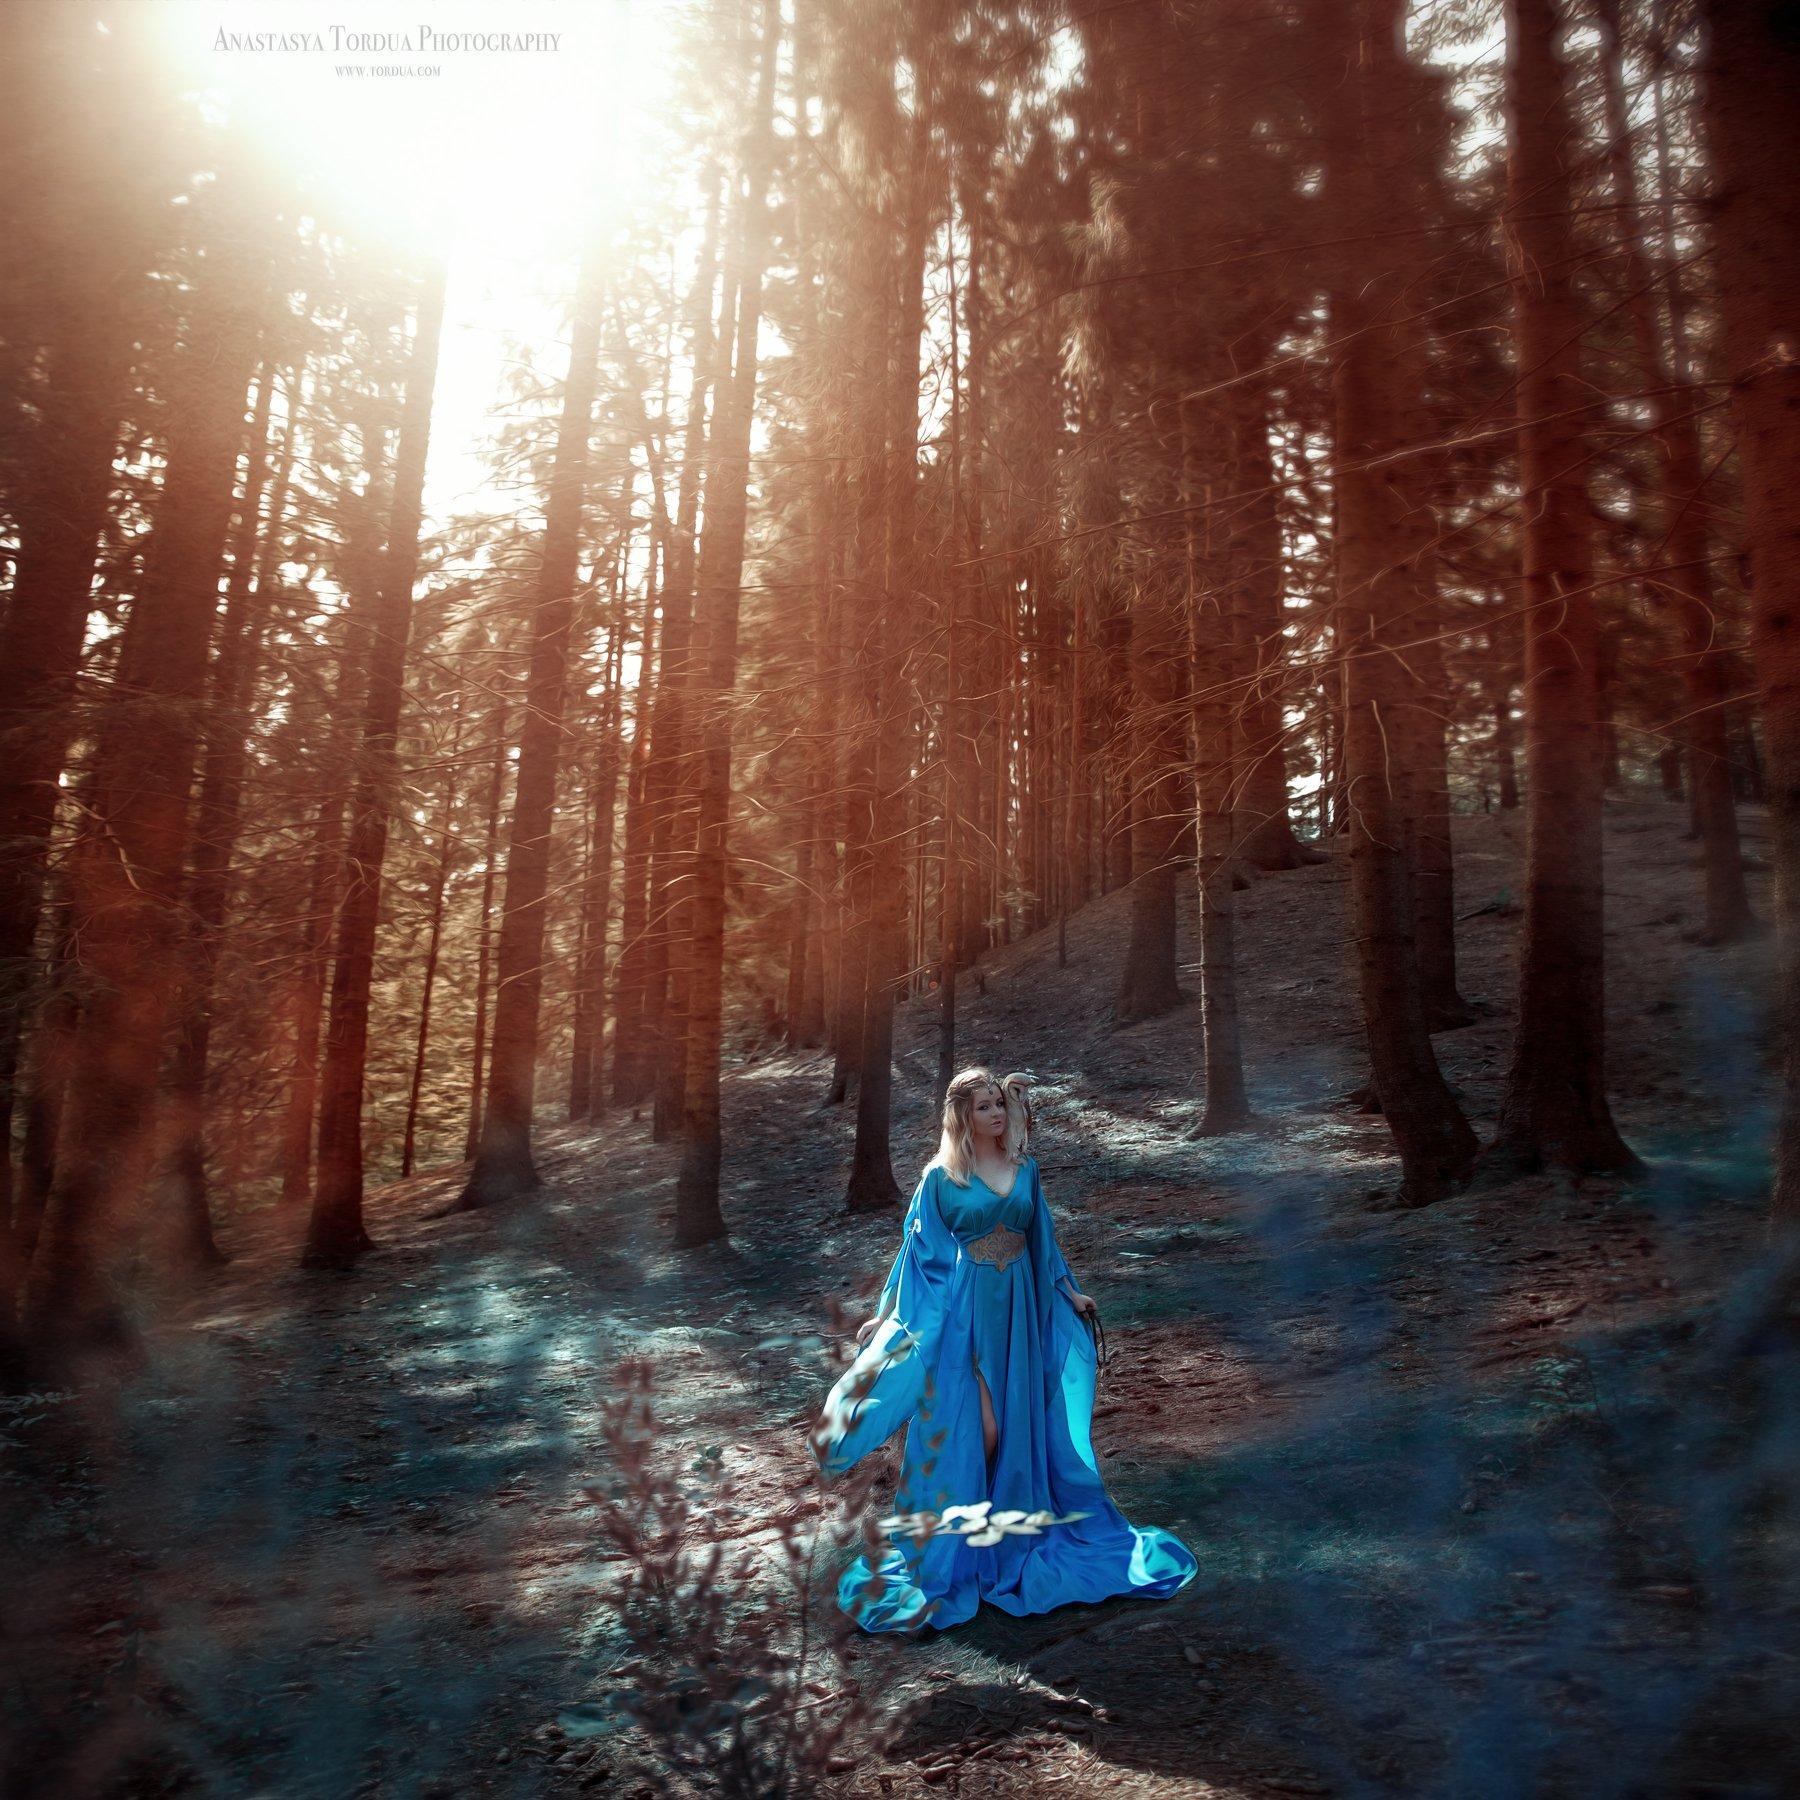 сова,лес,эльфы,эльф,платье,солнечныелучи,осень,сказка,тордуа, Анастасия Тордуа